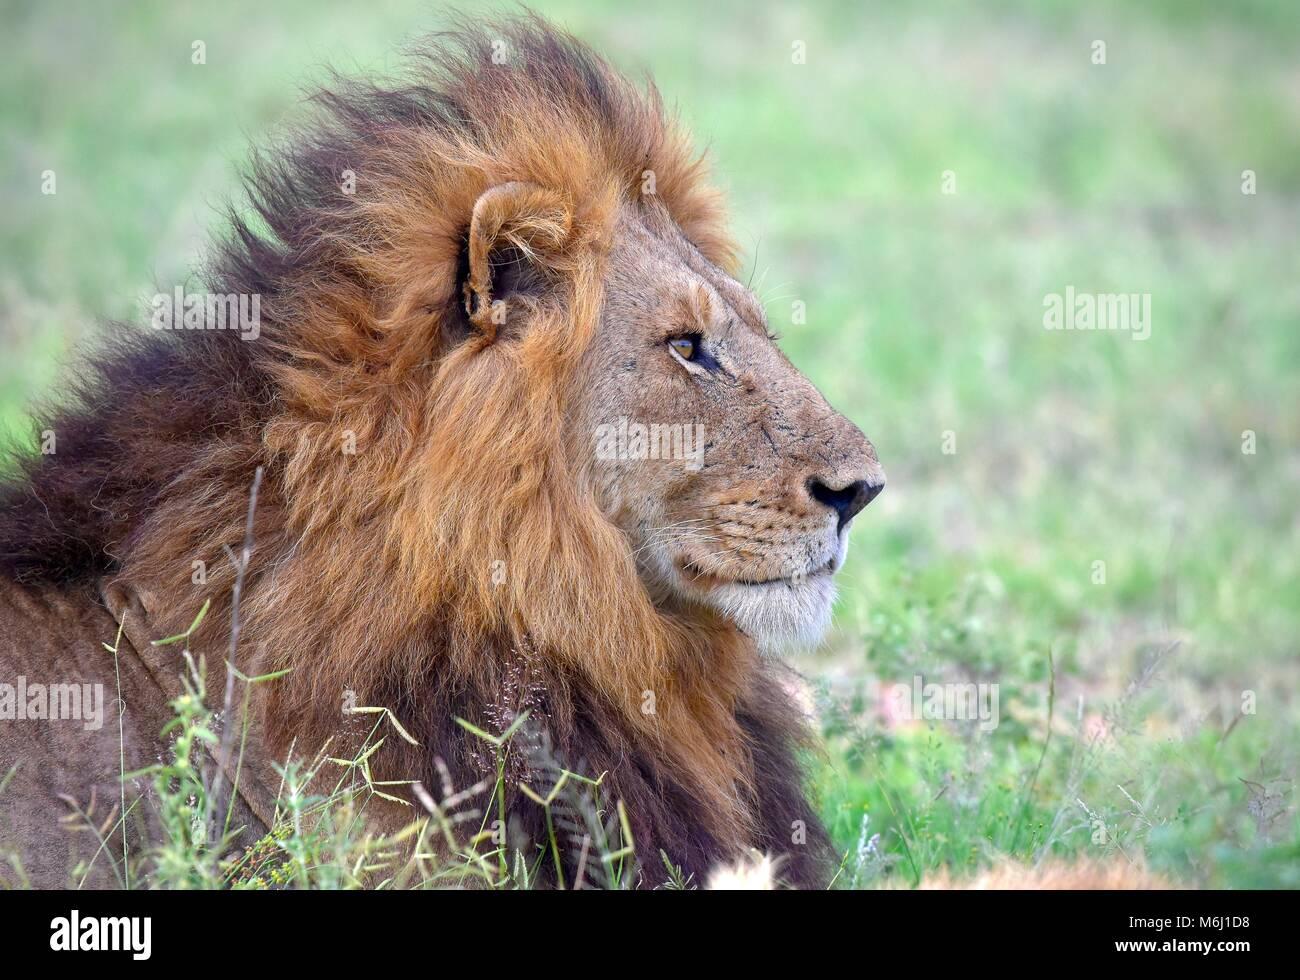 Il Kruger Park, Sud Africa. Una fauna selvatica e il paradiso degli uccelli. Incredibile maned lion ritratto Immagini Stock